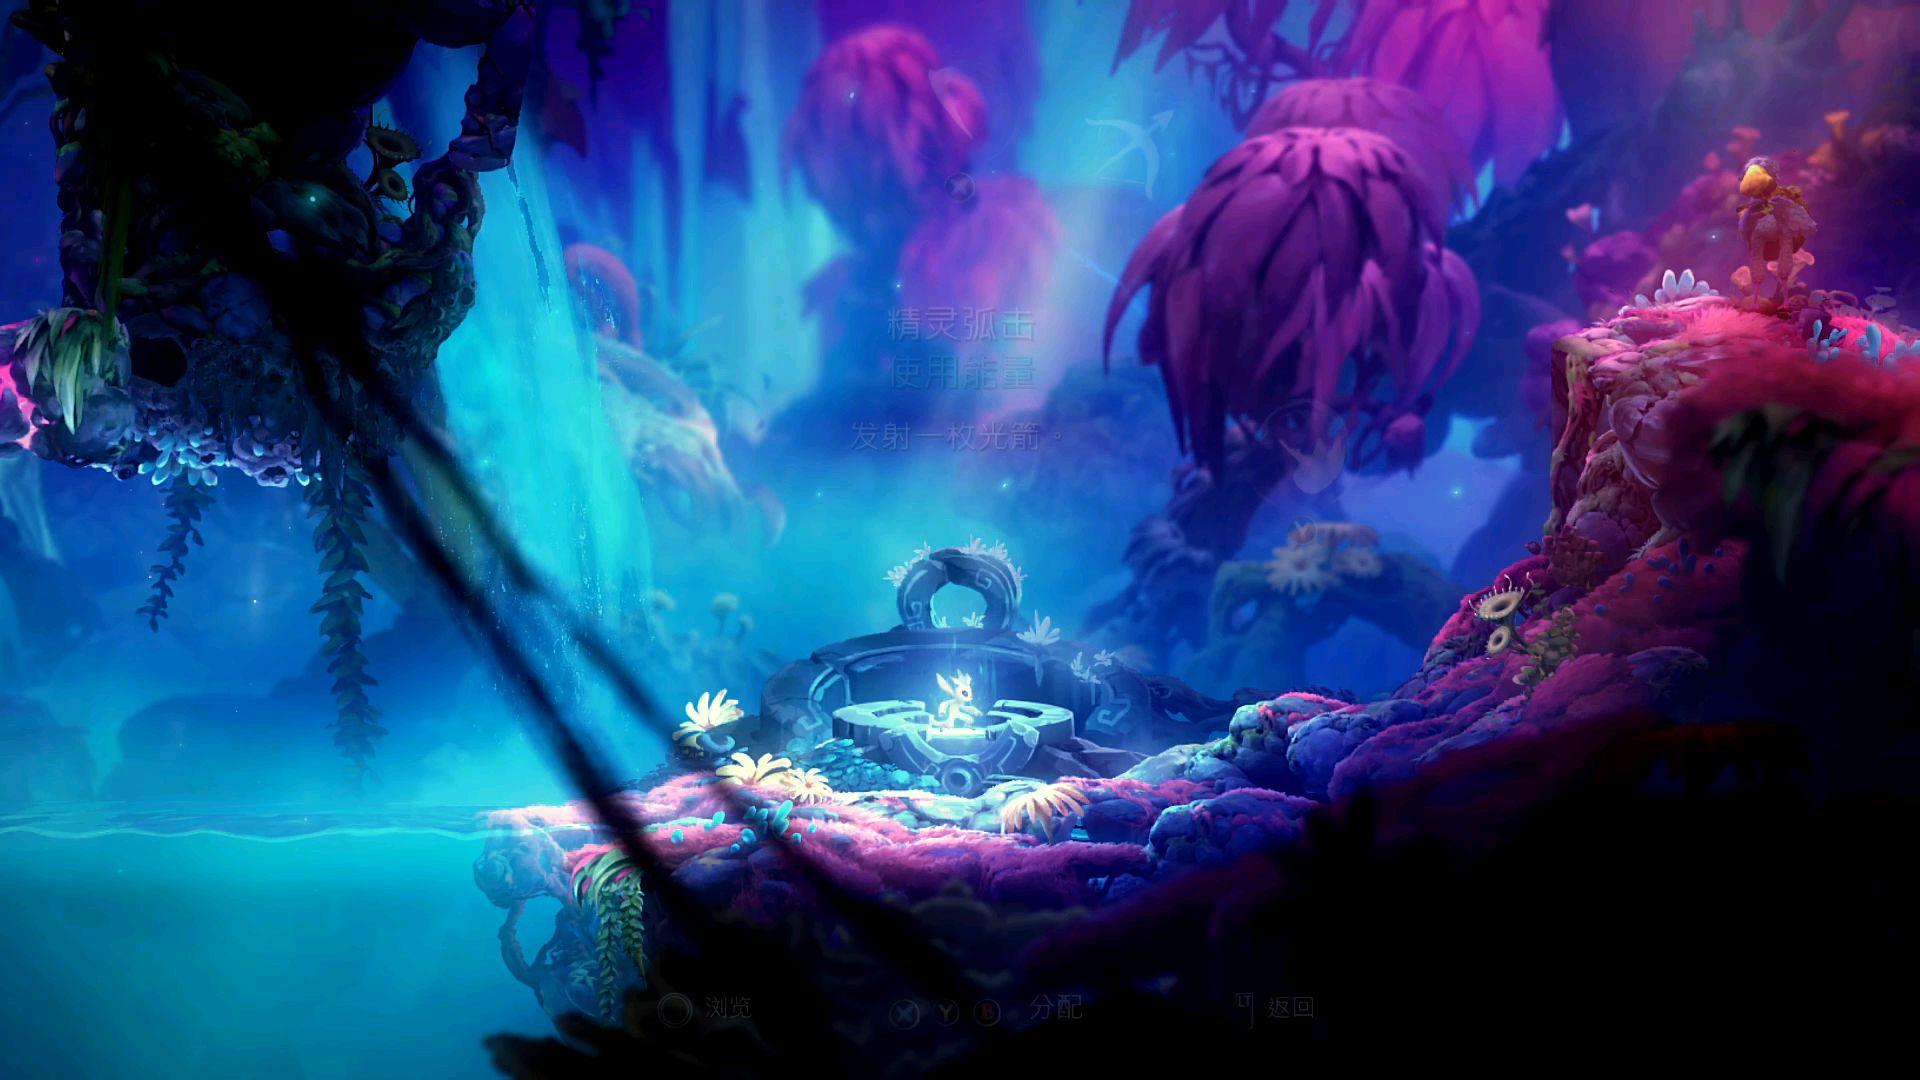 【A站独家】【精灵与萤火意志】实况p10.1:去光之池郊游,快乐划水